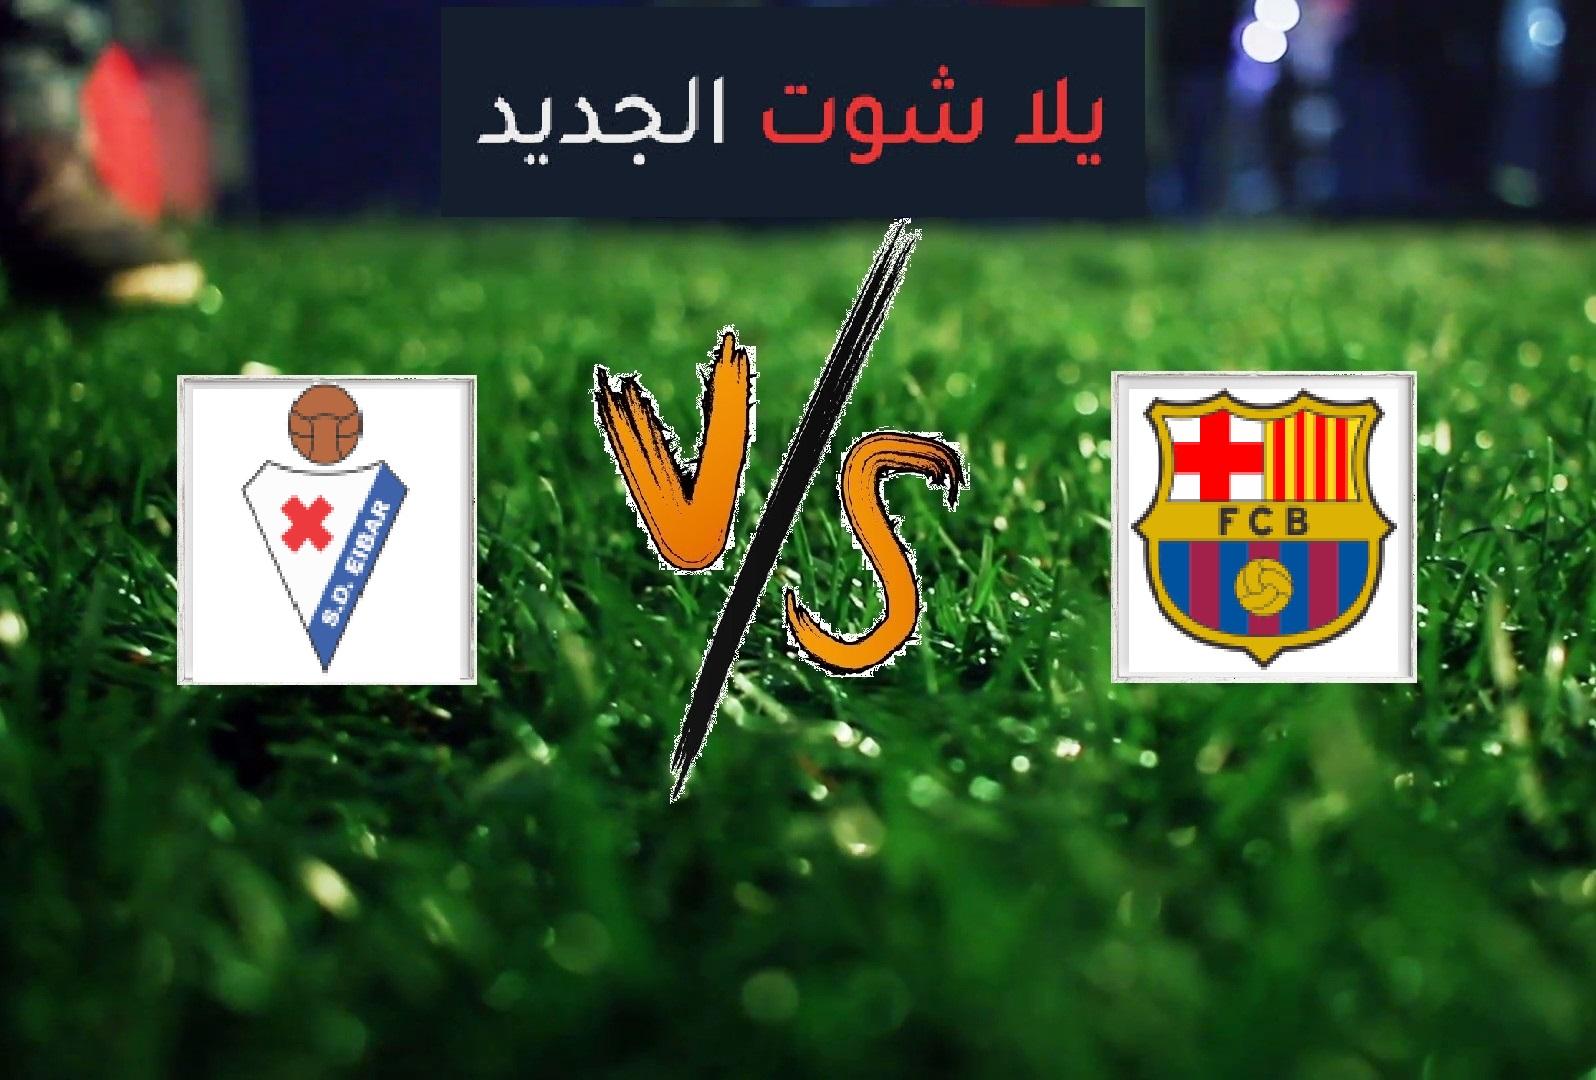 نتيجة مباراة برشلونة وايبار بتاريخ 22-02-2020 الدوري الاسباني